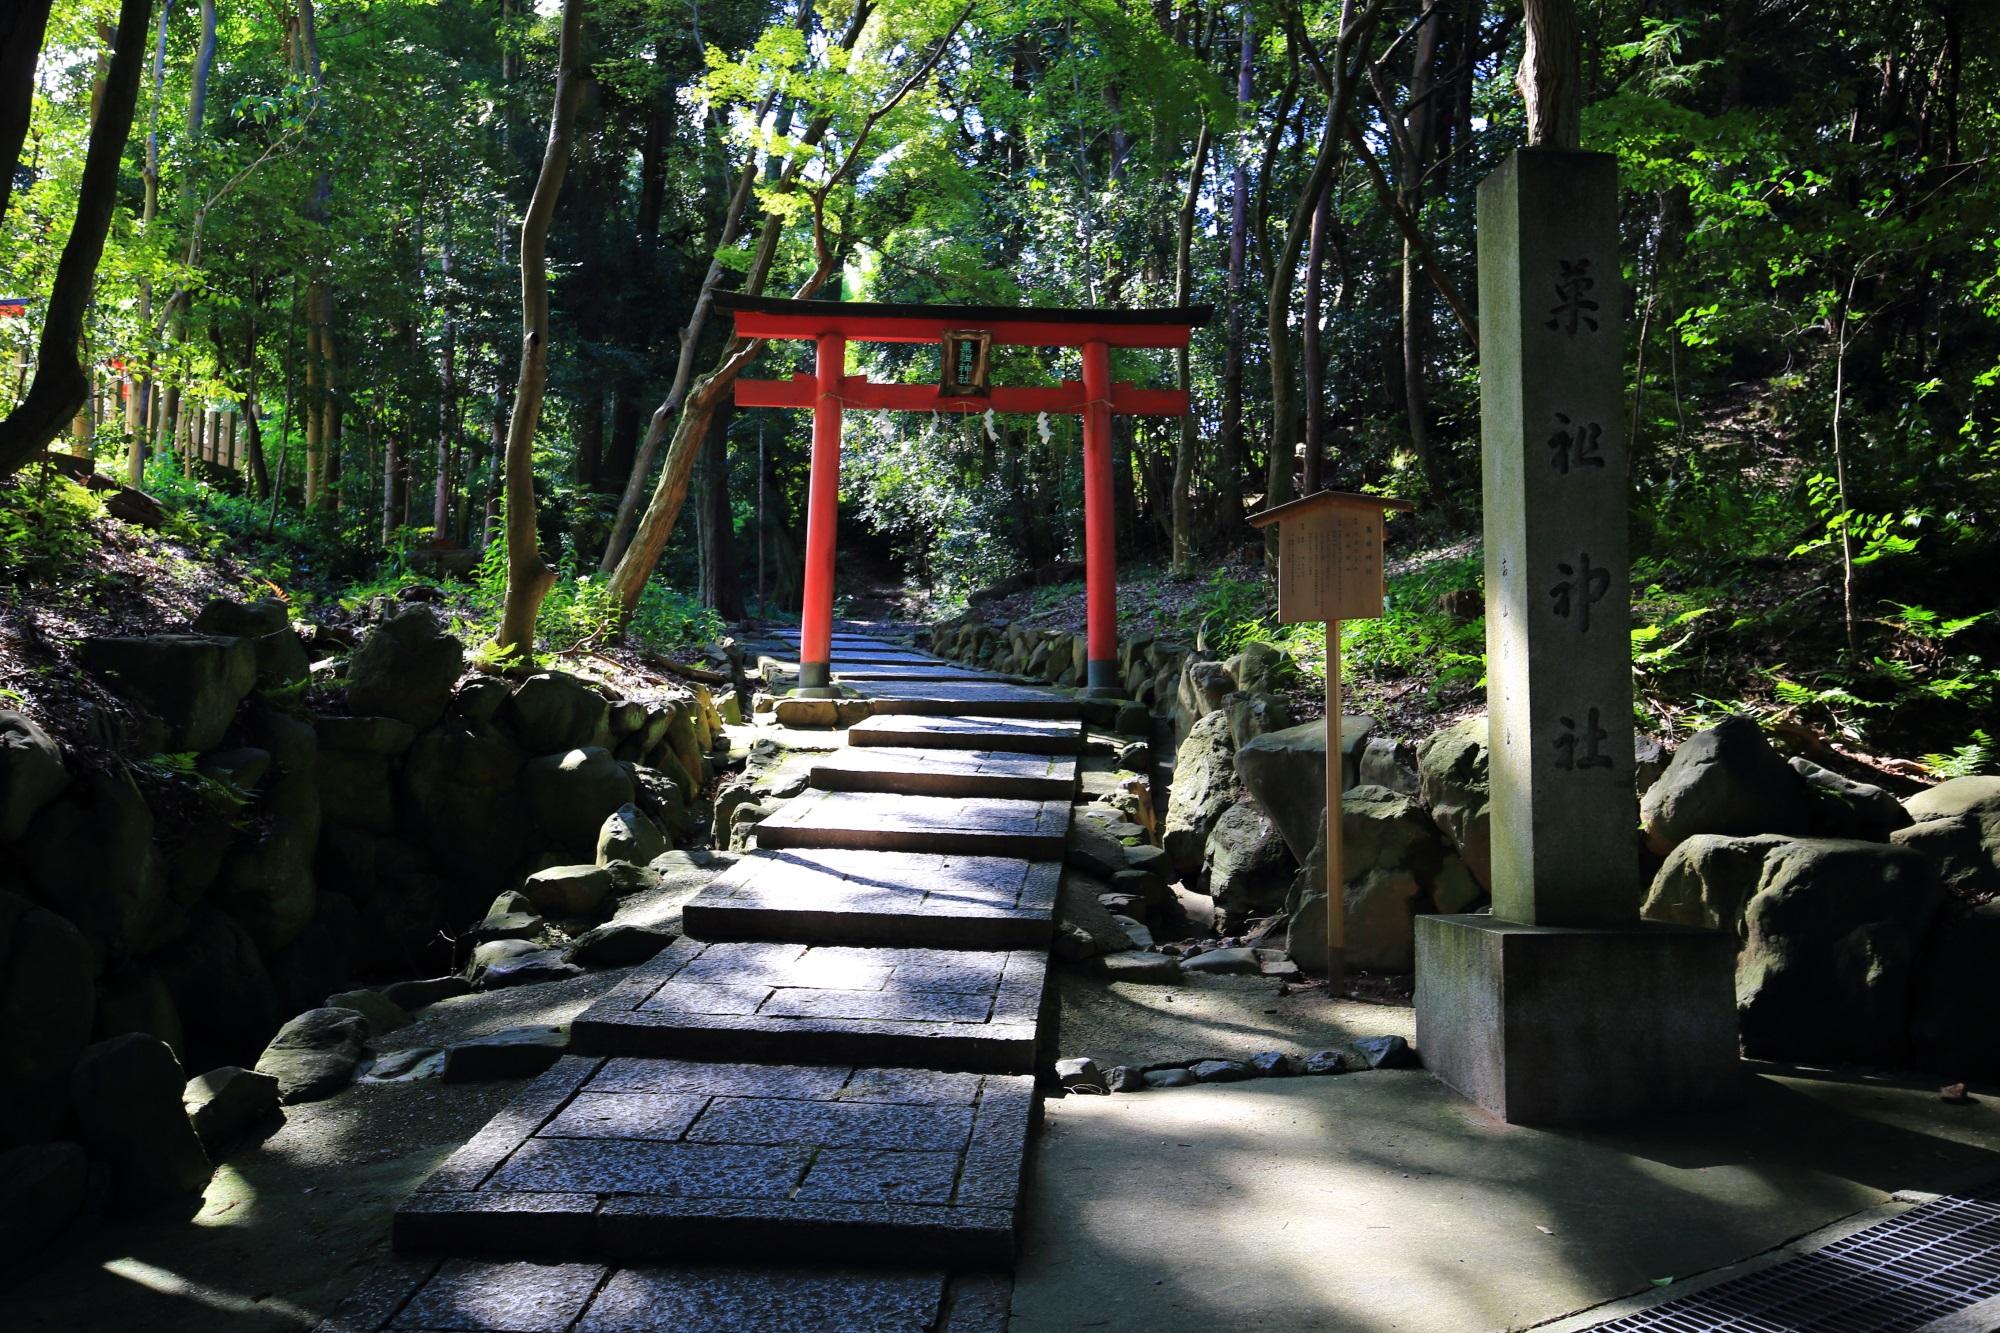 お菓子の神様の菓祖神社(かそじんじゃ)